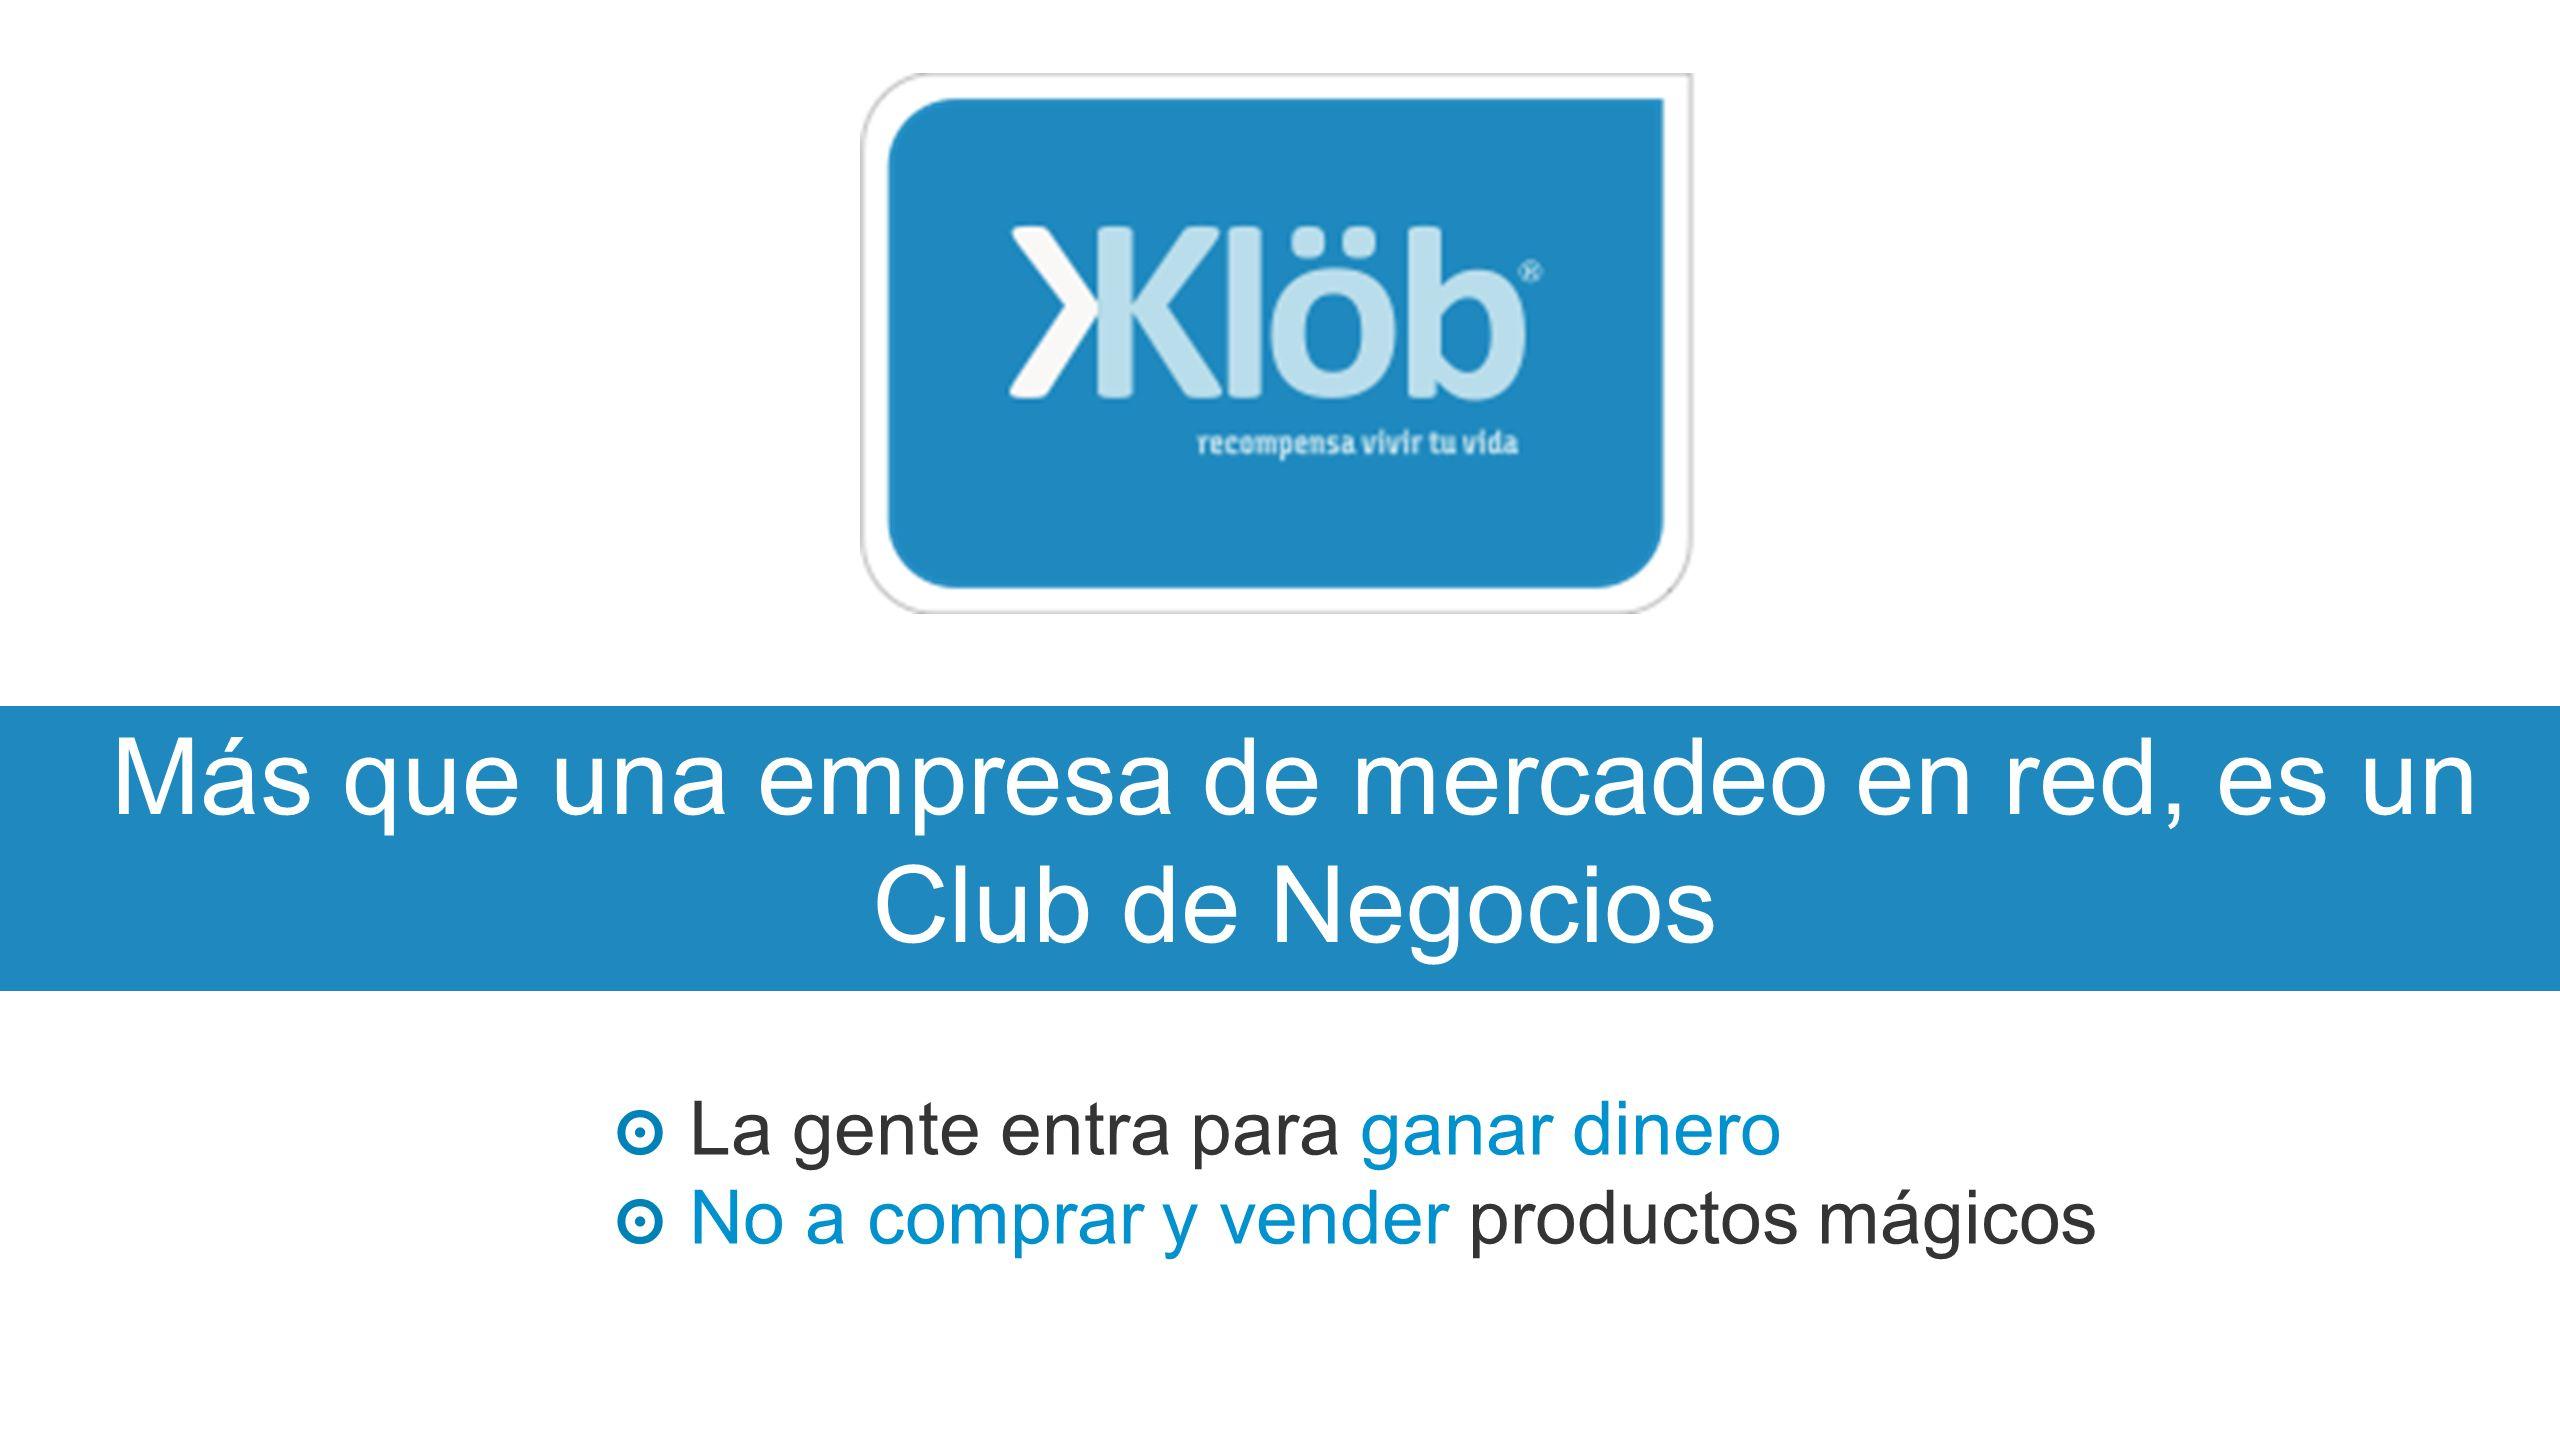 Más que una empresa de mercadeo en red, es un Club de Negocios